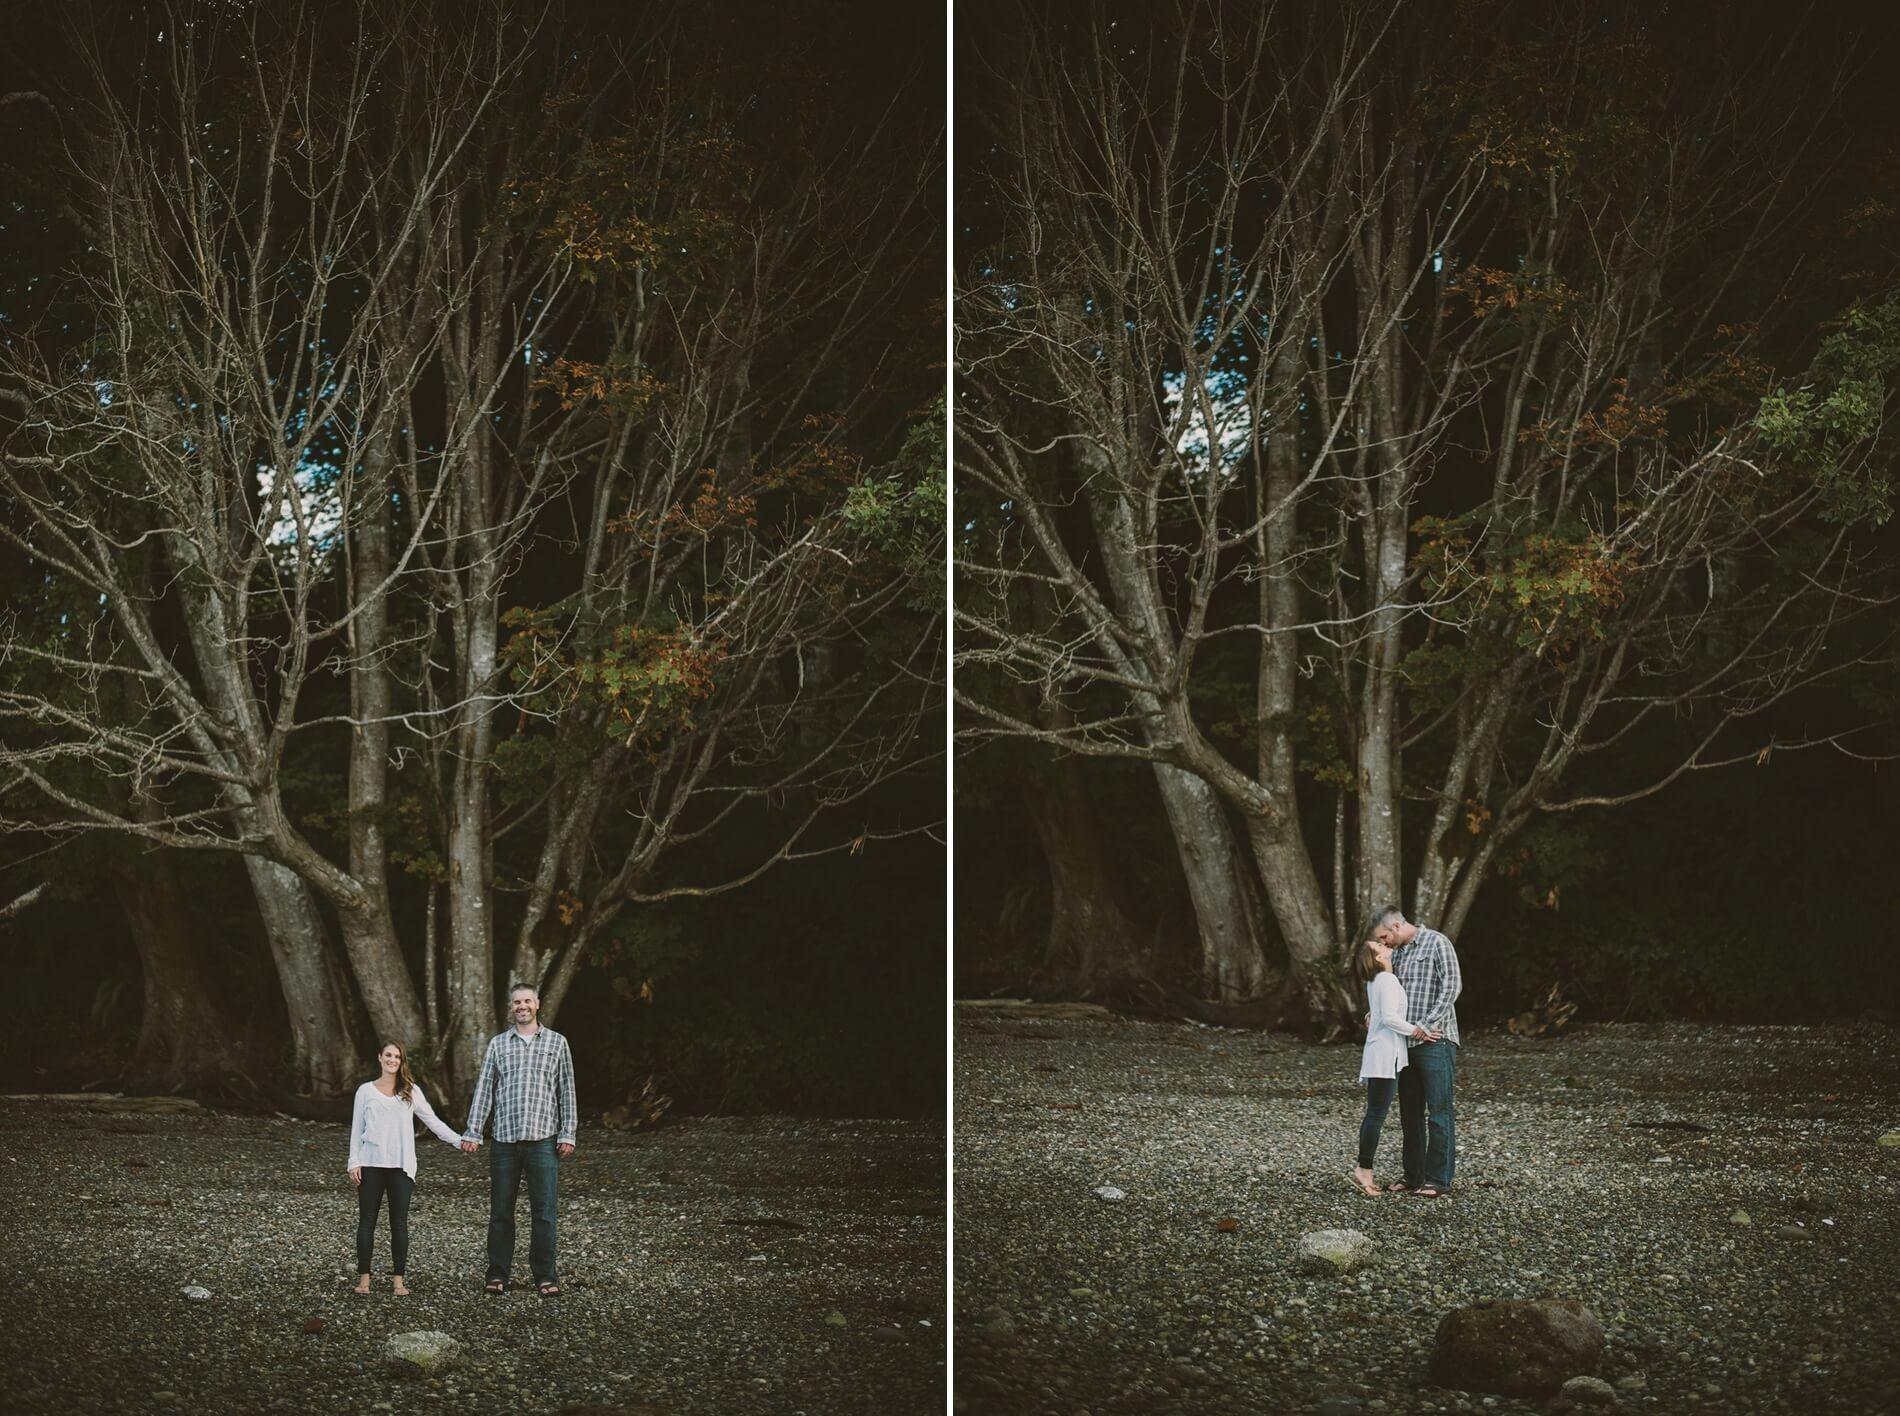 gig-harbor-engagement-photography